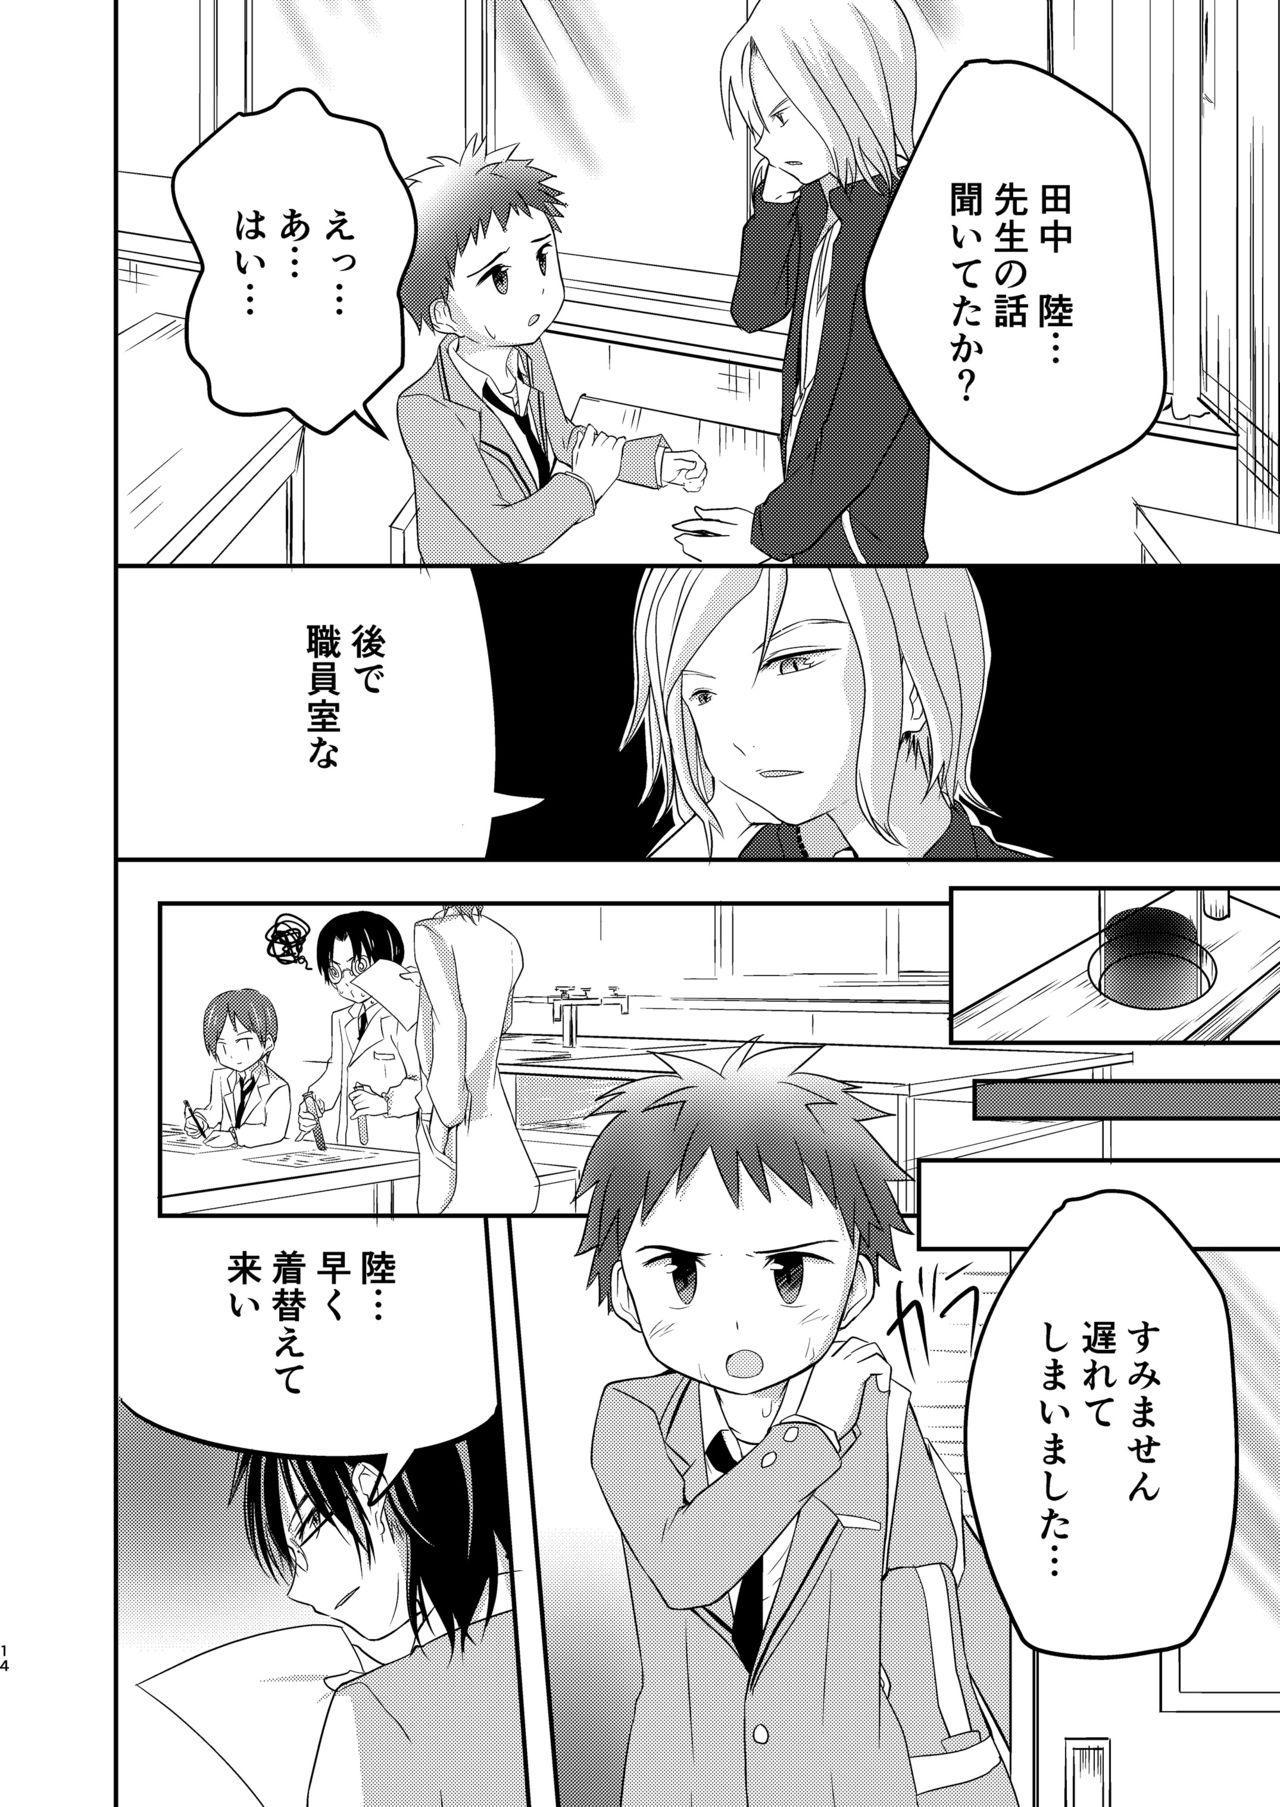 Kichiku Senpai o Yamenaide 13